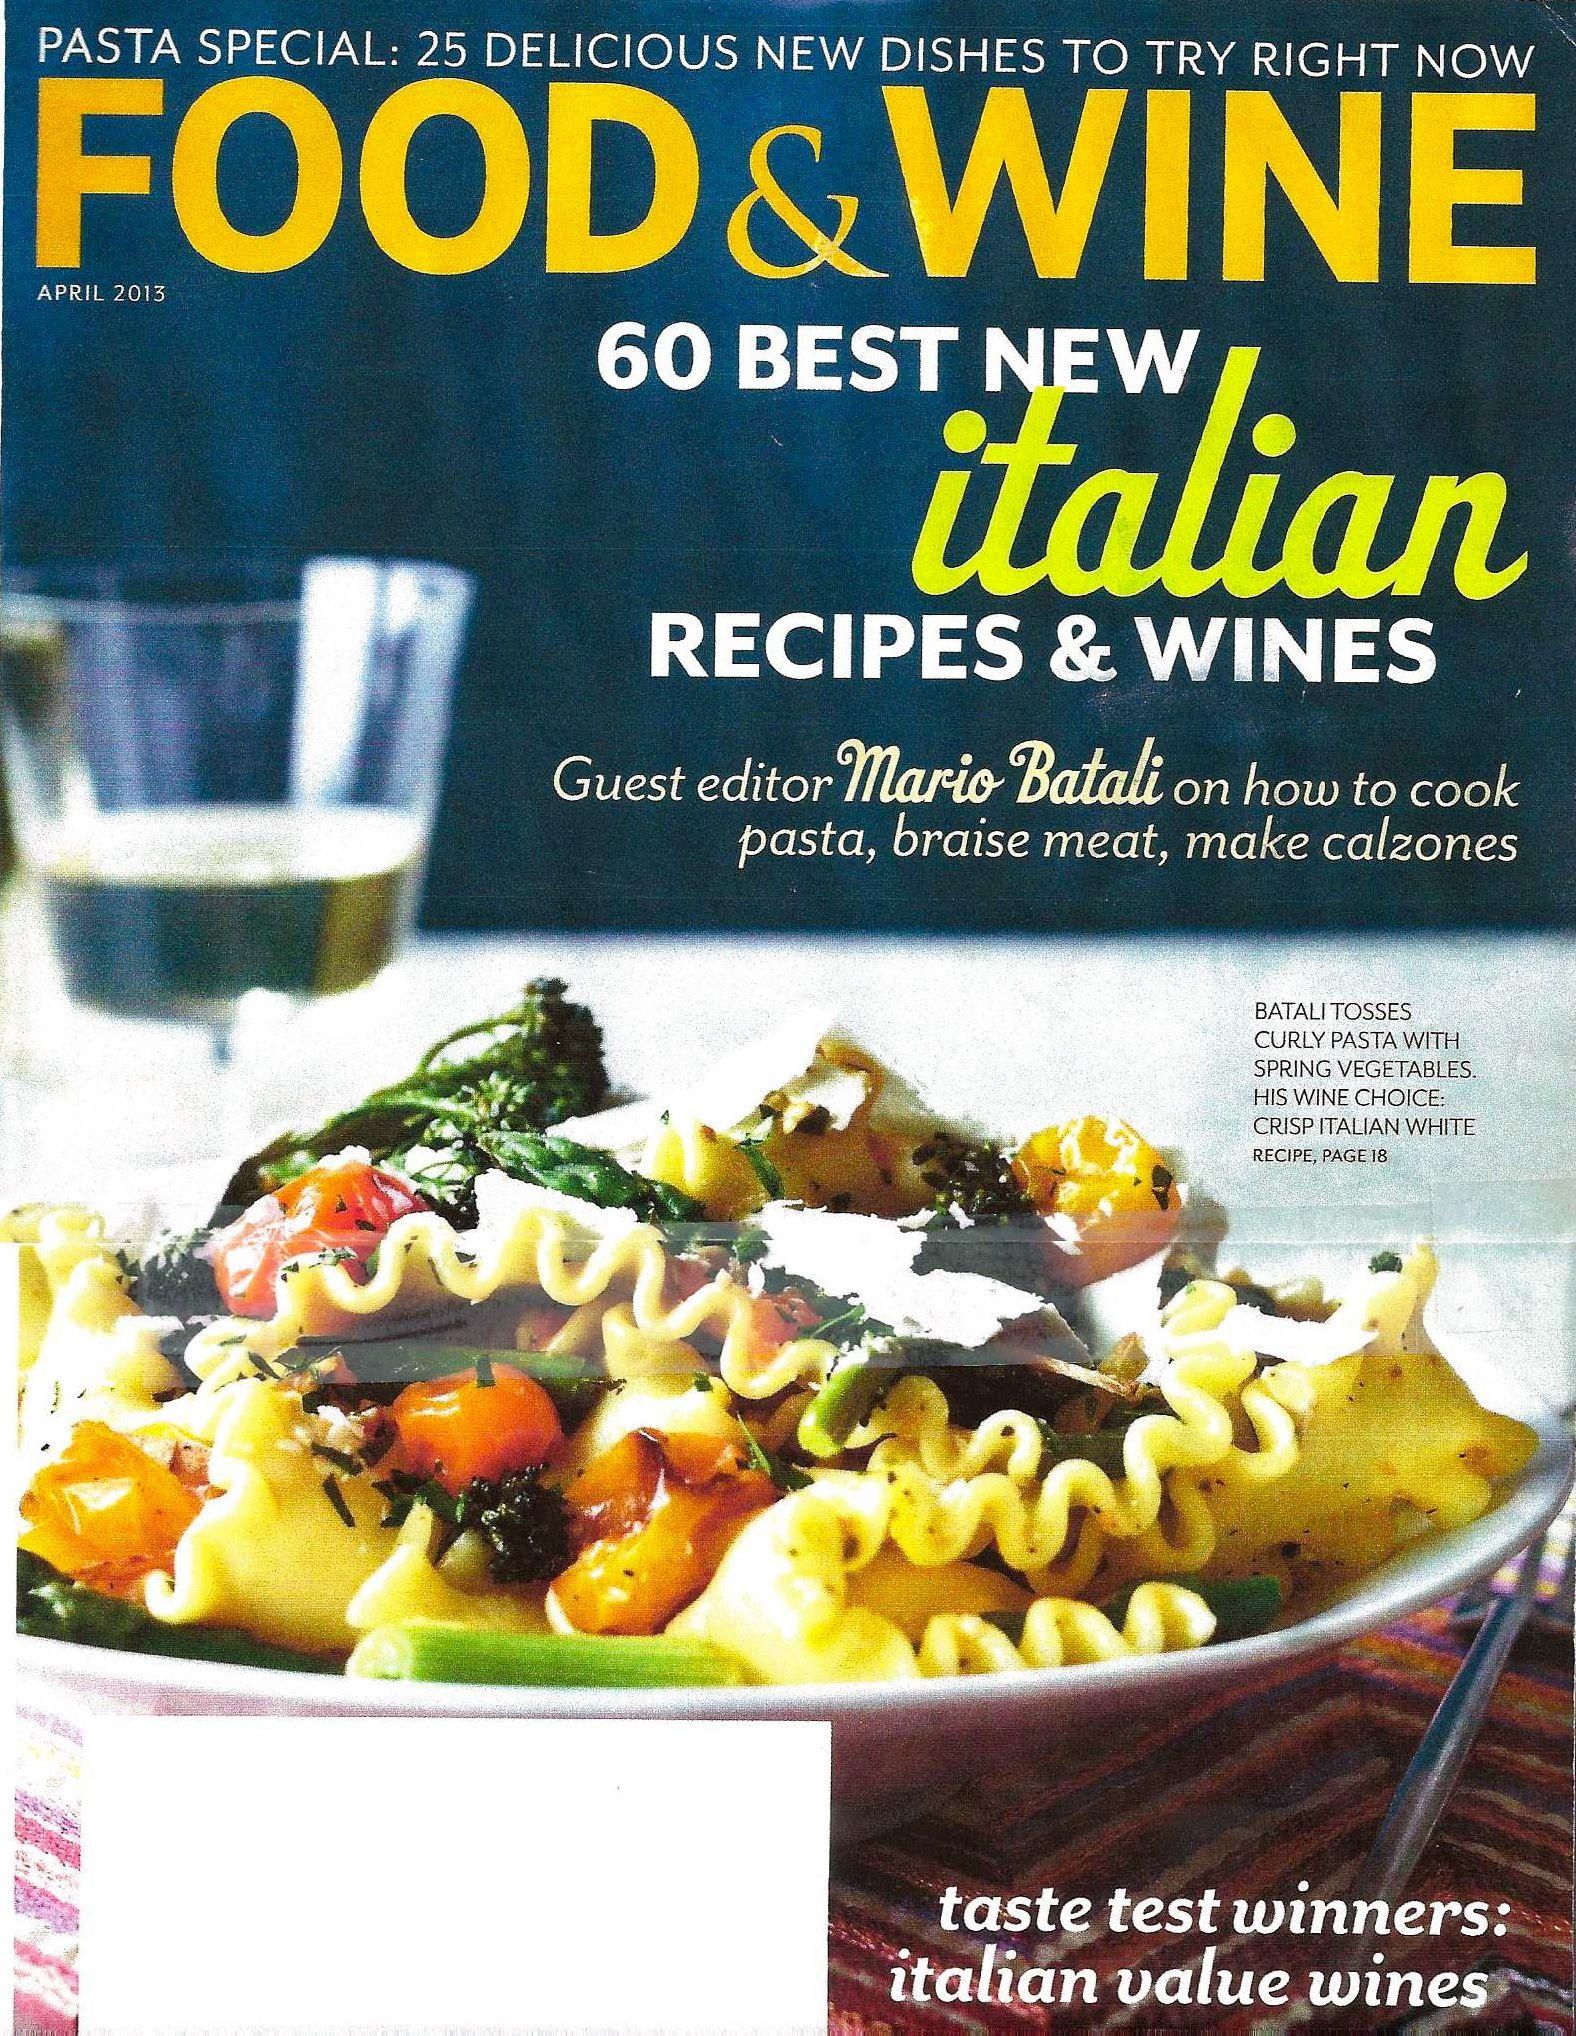 Food and wine cover duvino wine vinoduvino food wine food and wine cover duvino wine vinoduvino forumfinder Images